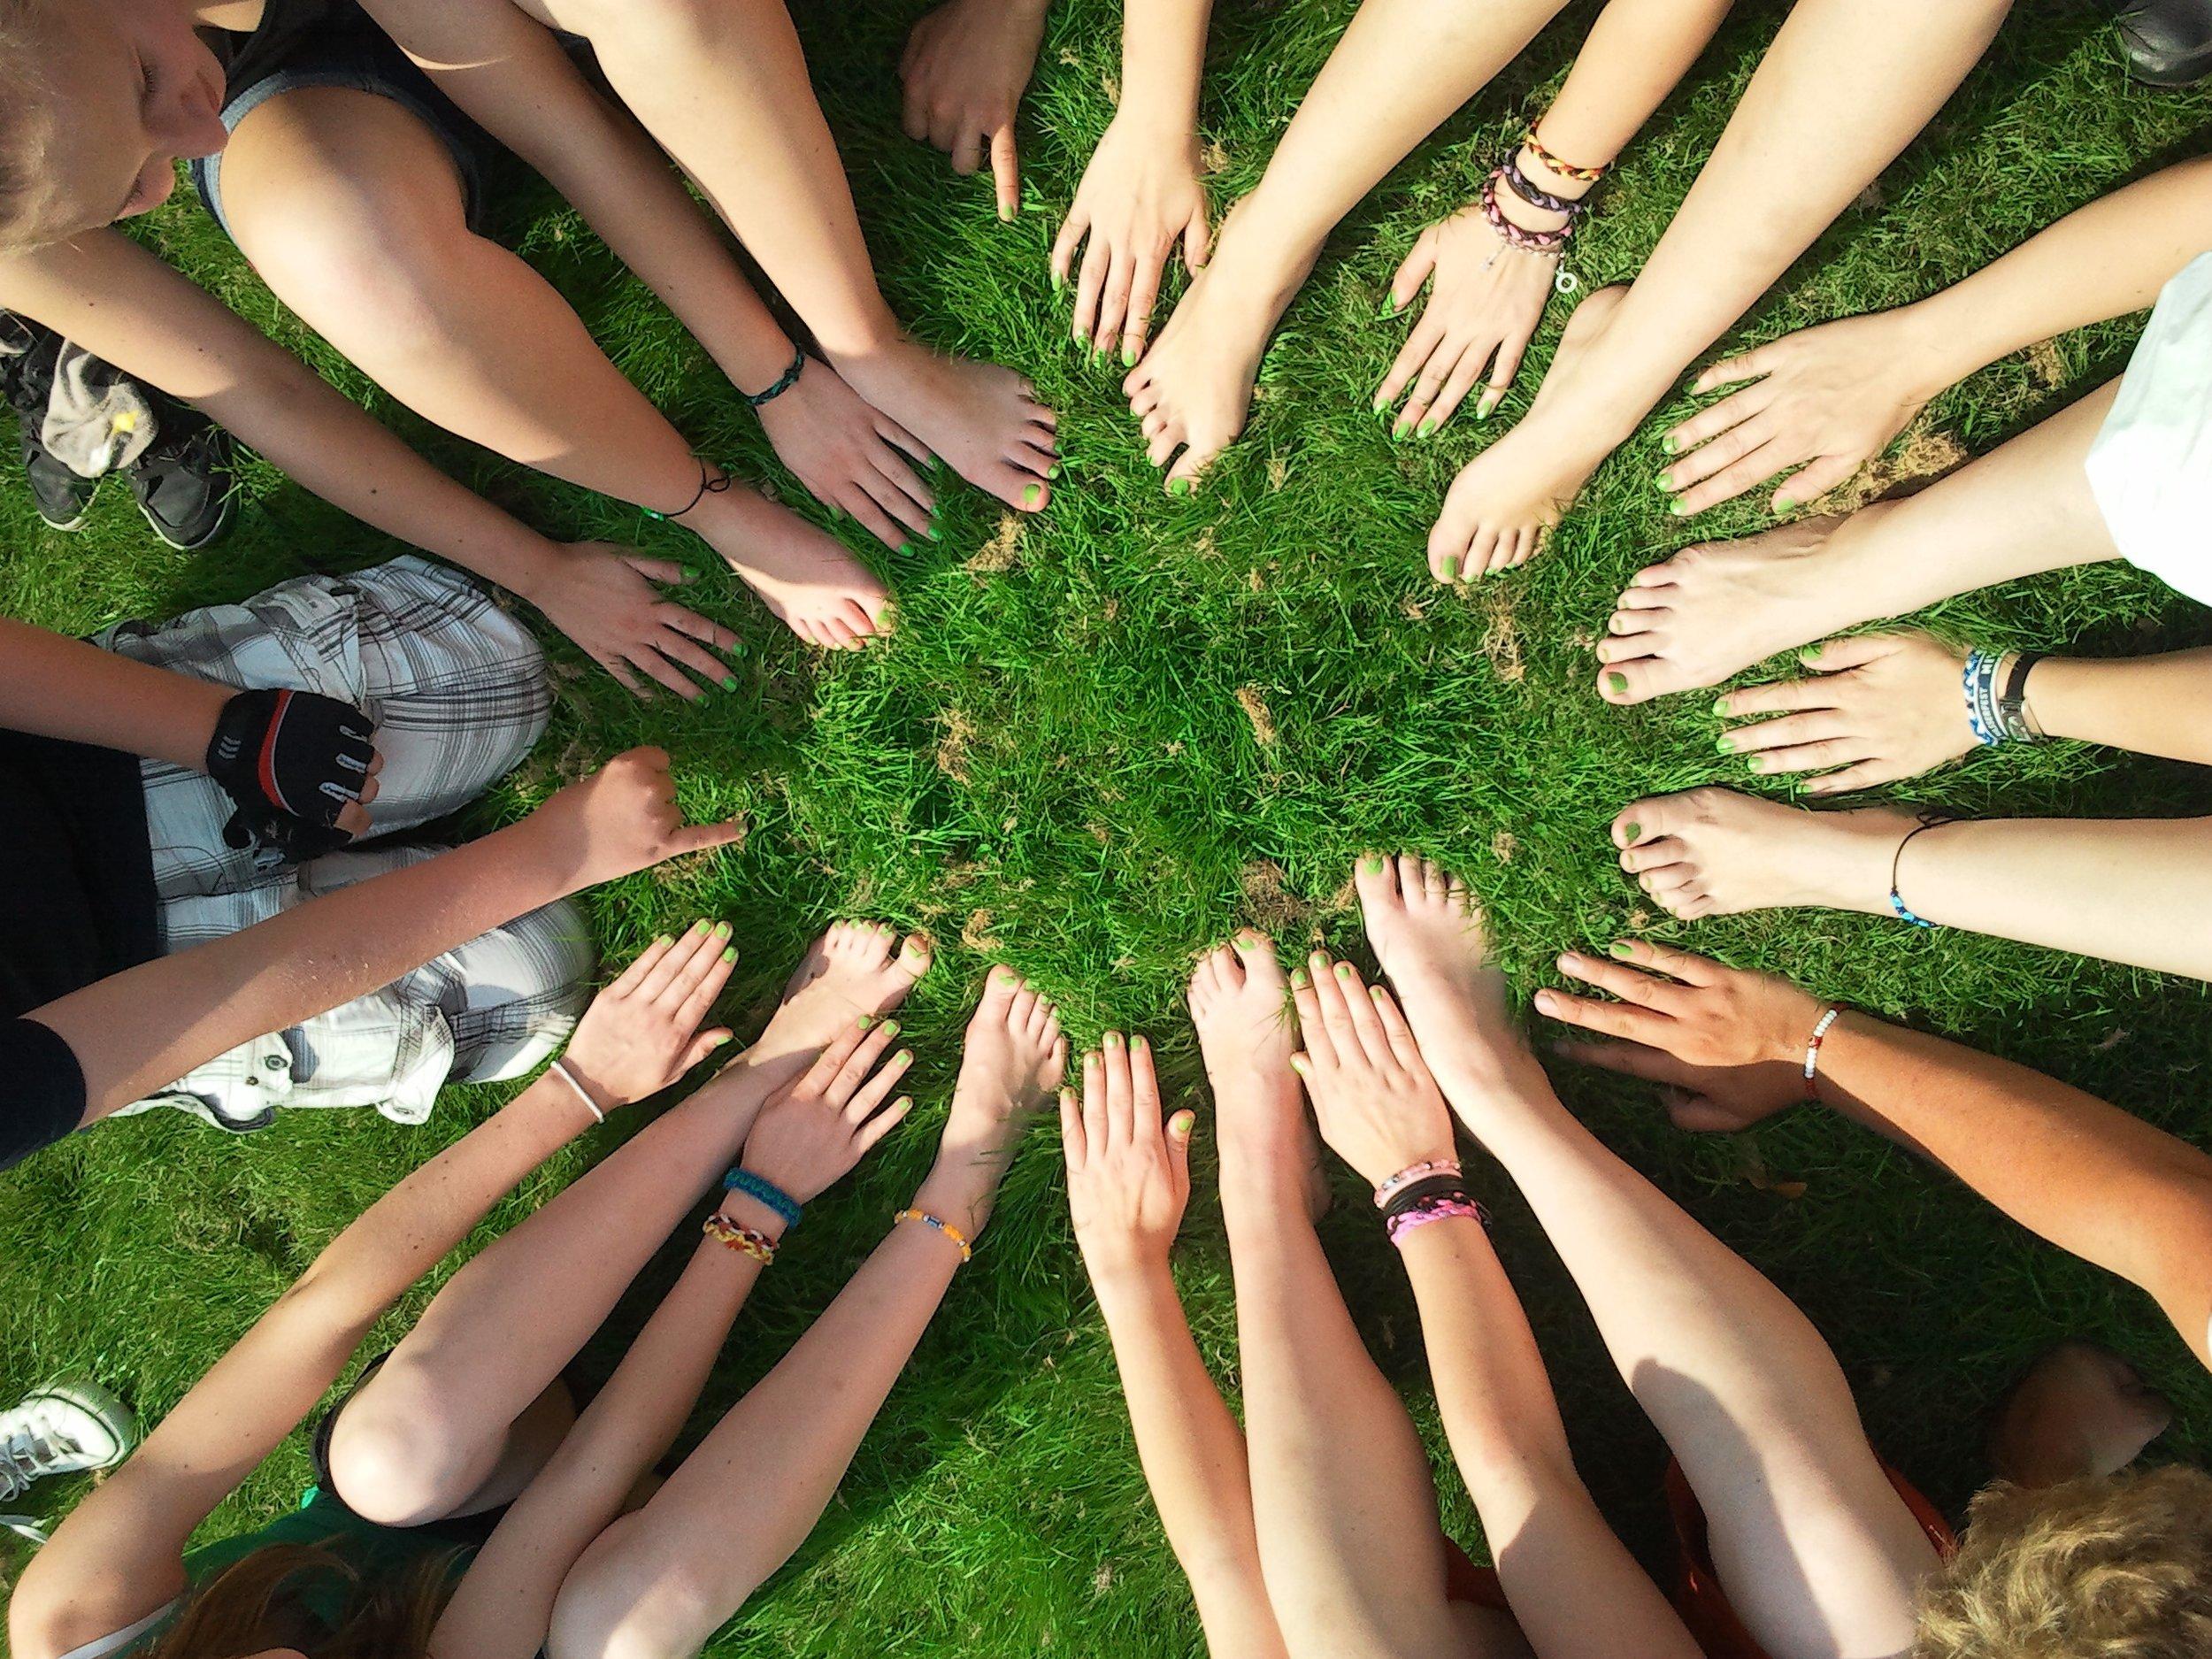 pexel woman circle feet hands on grass.jpg